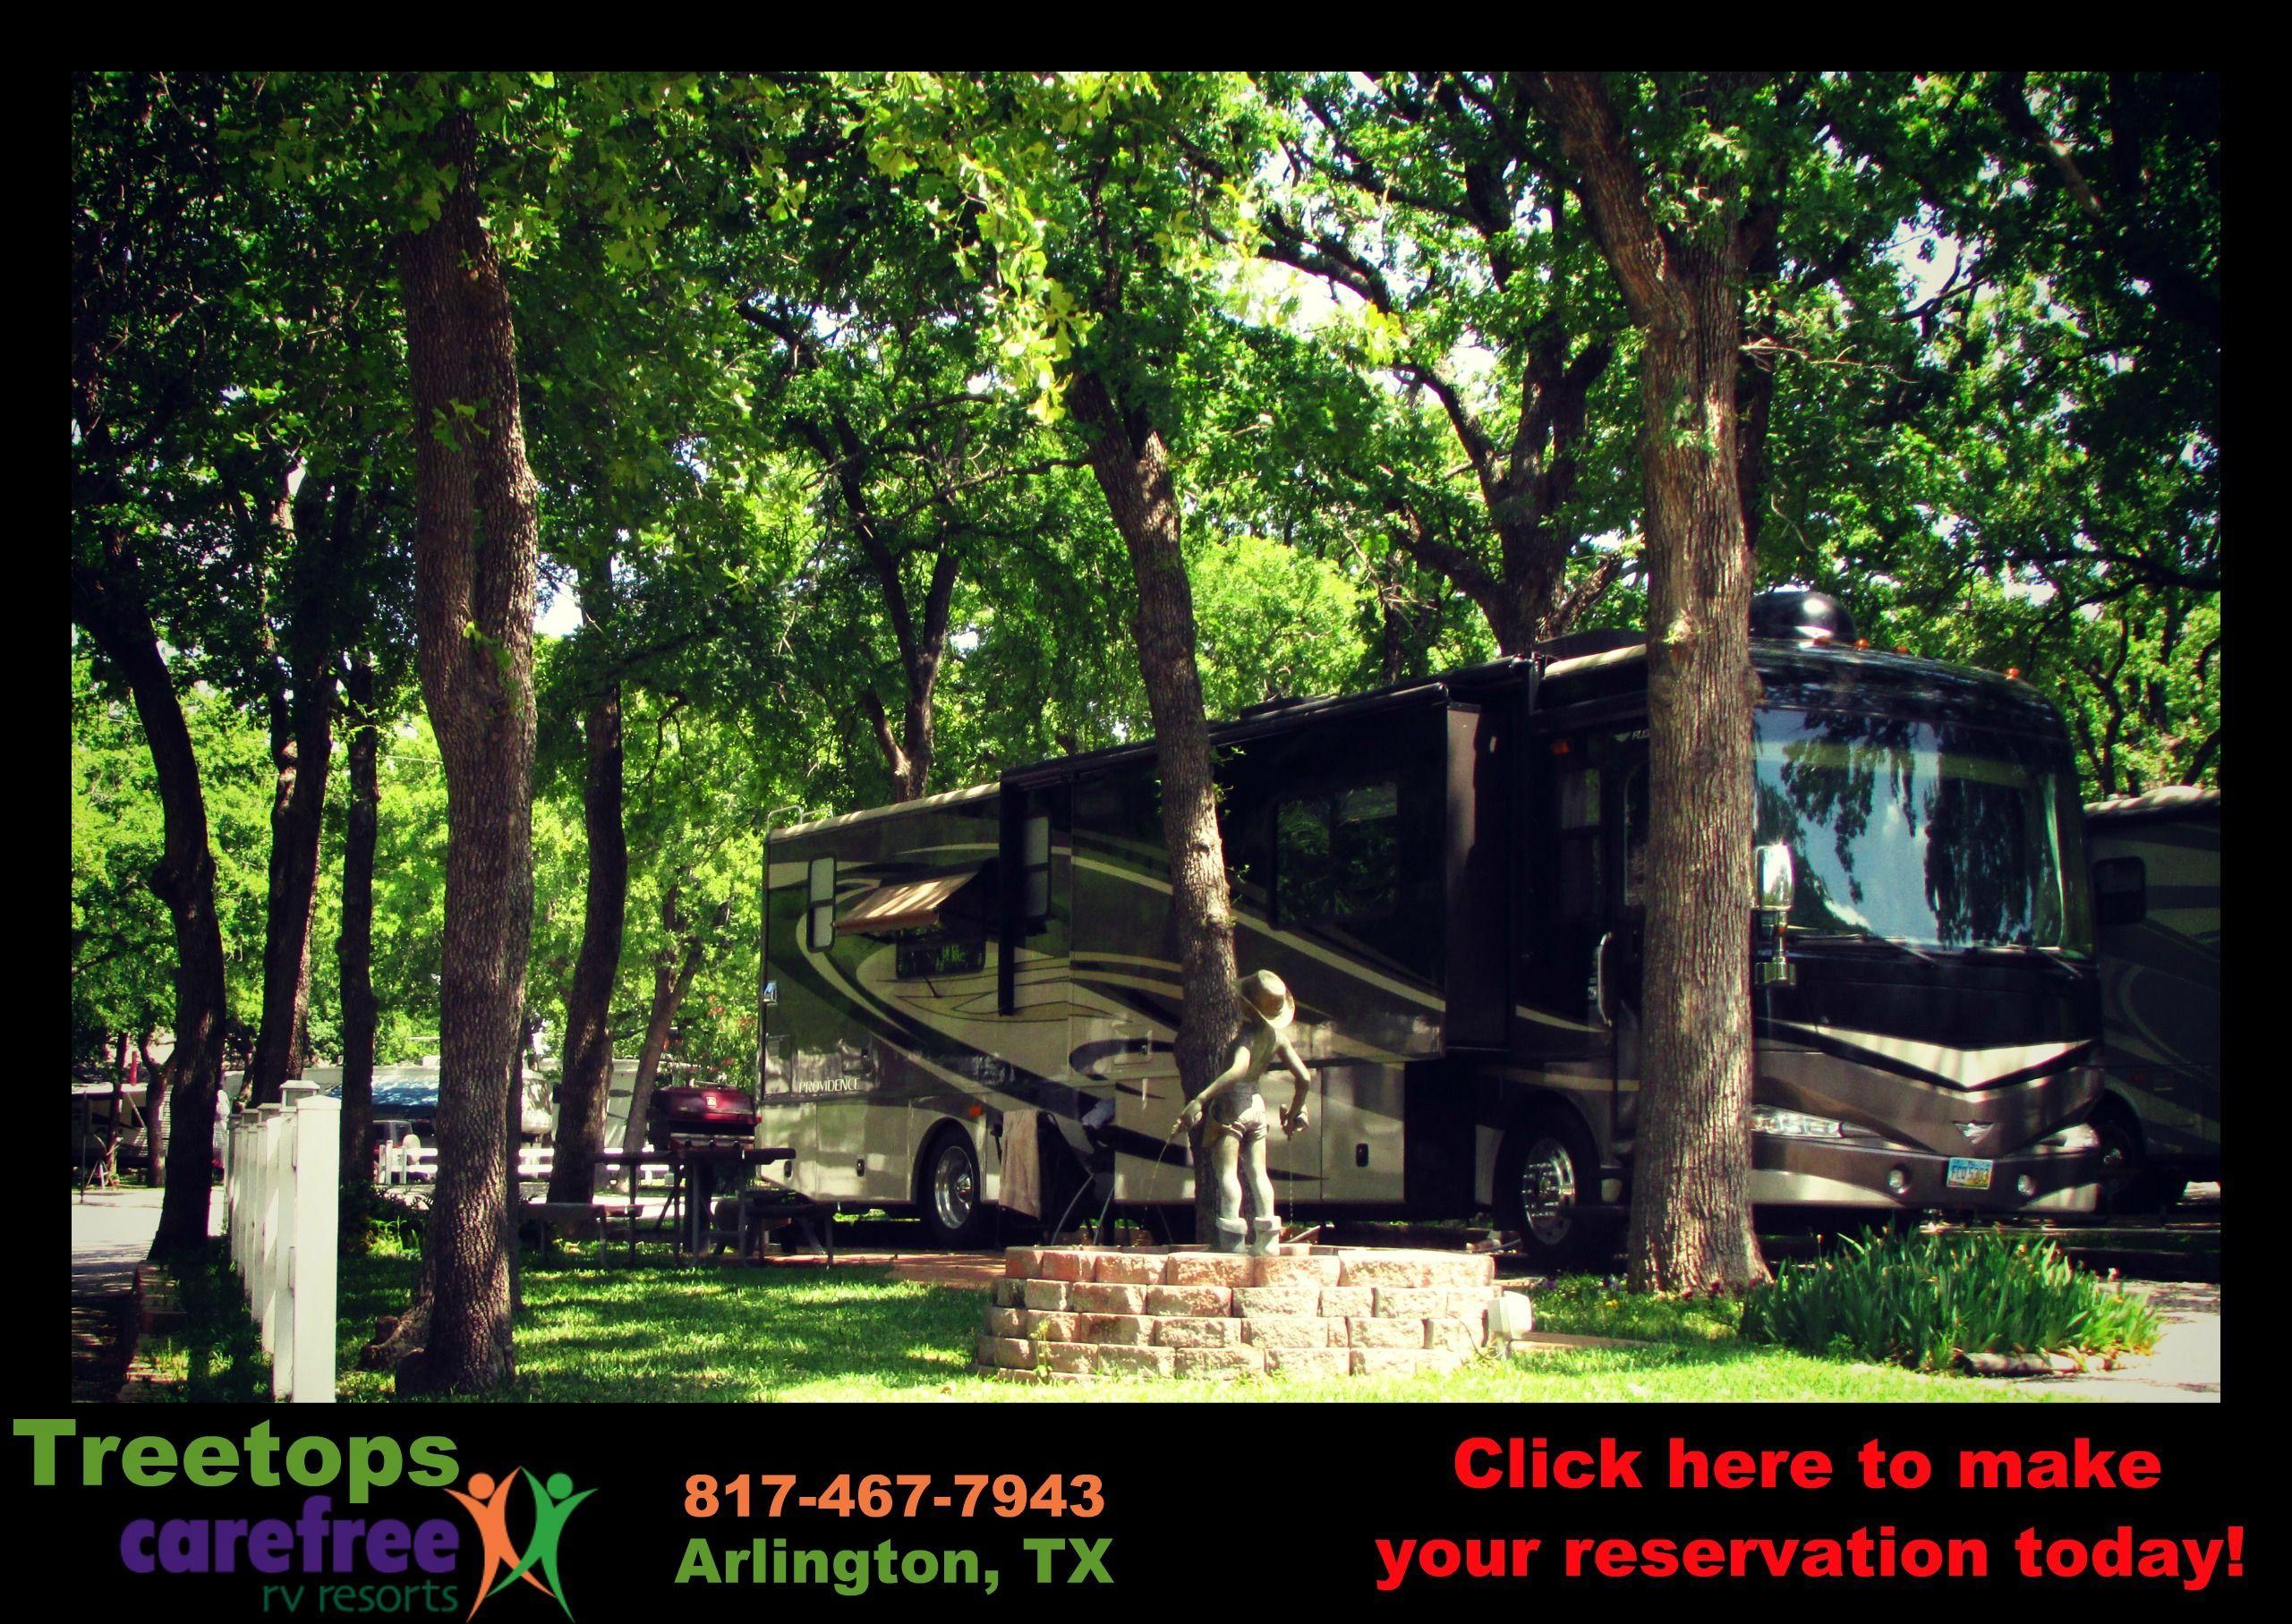 Visit Treetops Carefree Rv Resort In Arlington Tx Located Just Miles From Cowboy S Stadium Texas Rangers Ballpark Summer Vacation Spots Resort Vacation Spots